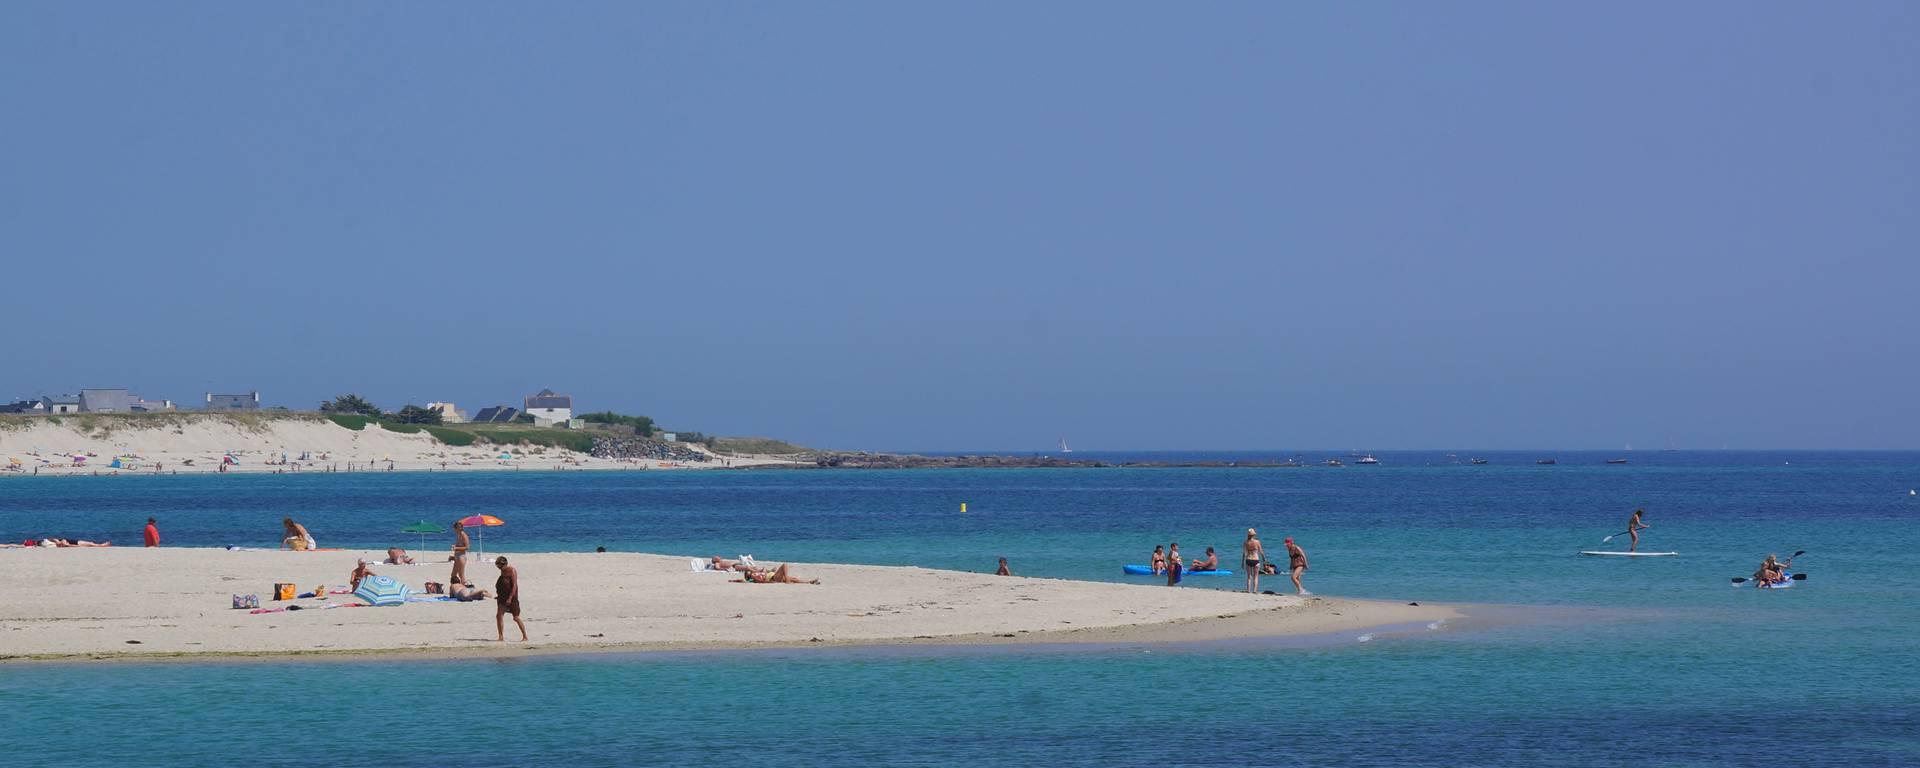 Plage des Sables Blancs beach, Loctudy